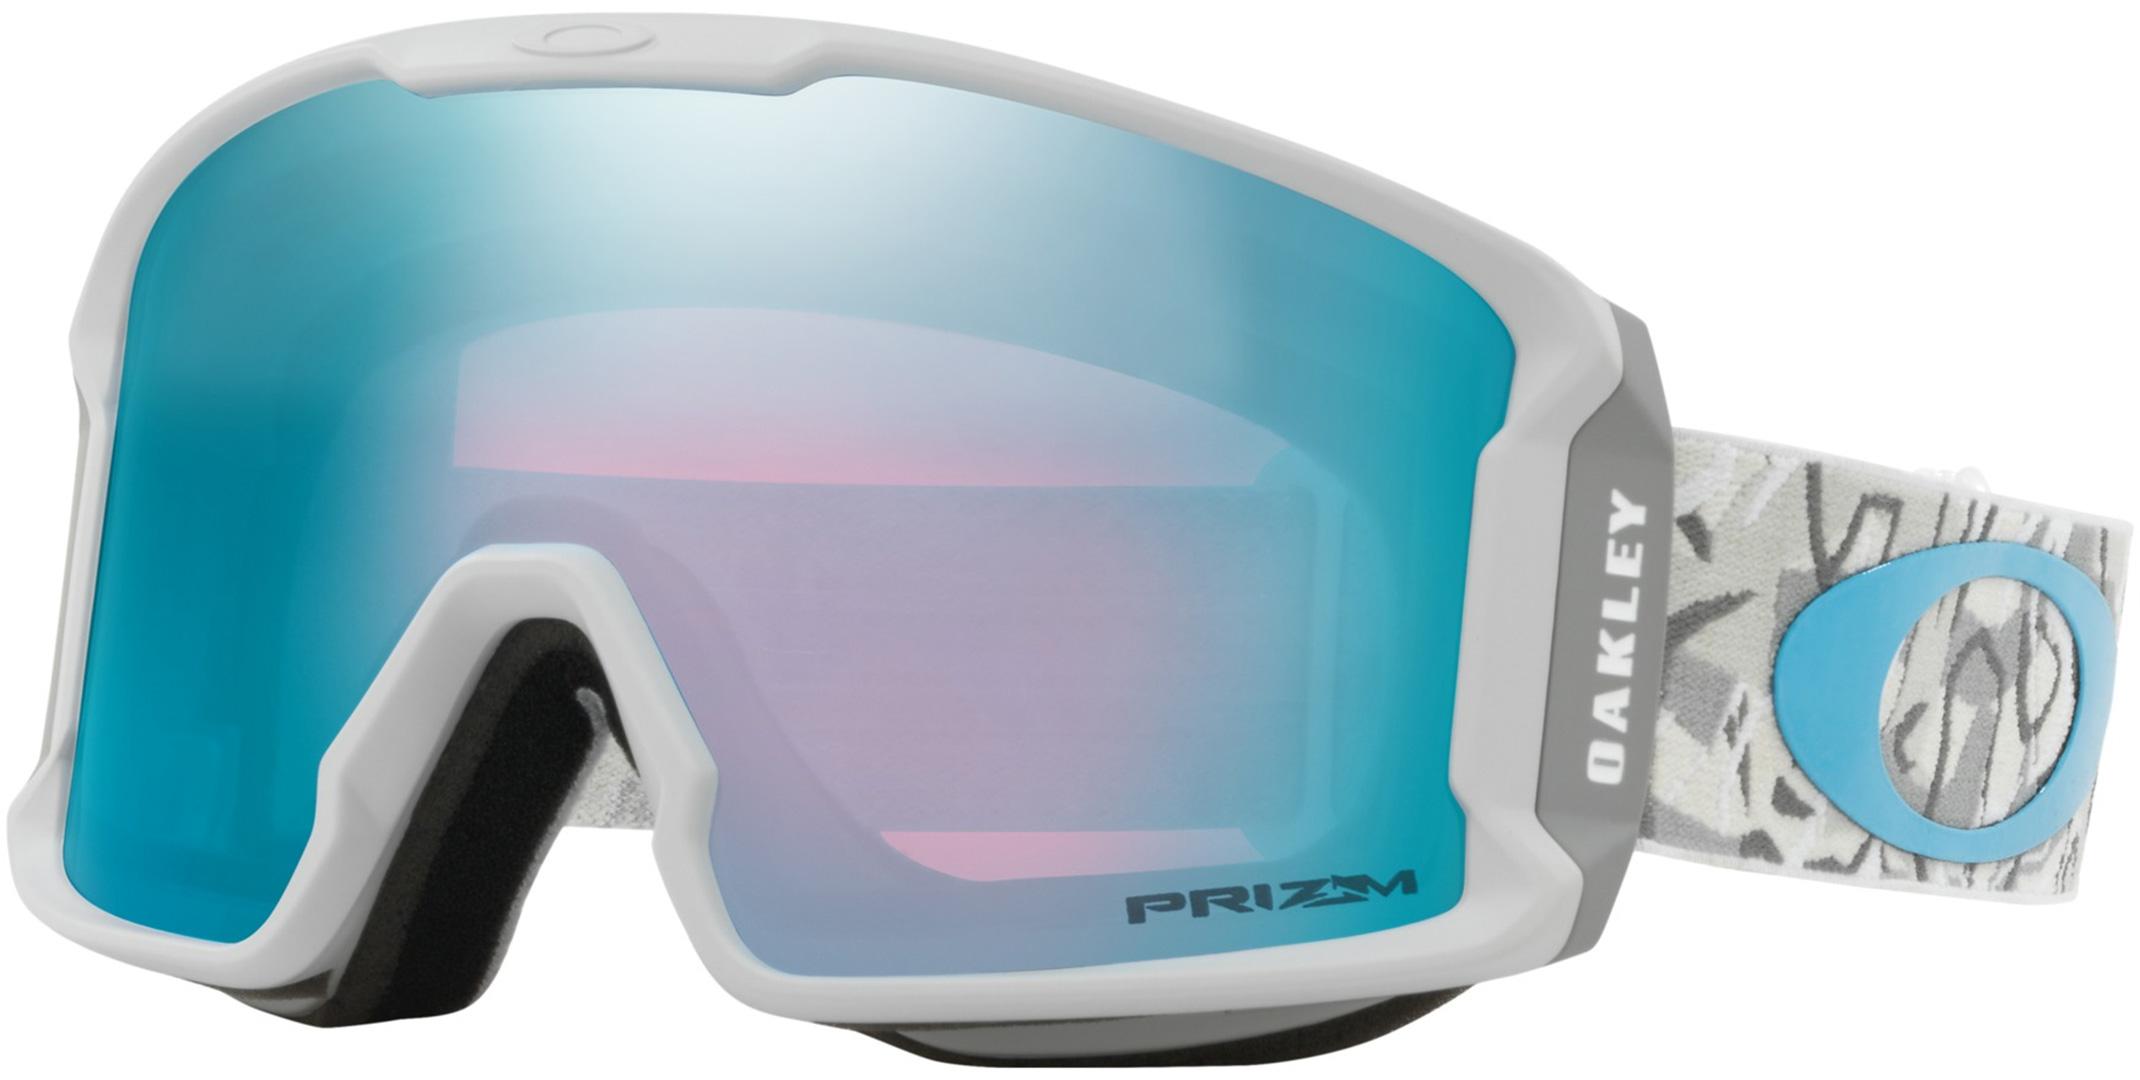 c15f7ffd434 Oakley LINE MINER XM Goggle 2019 camo vine snow prizm sapphire ...